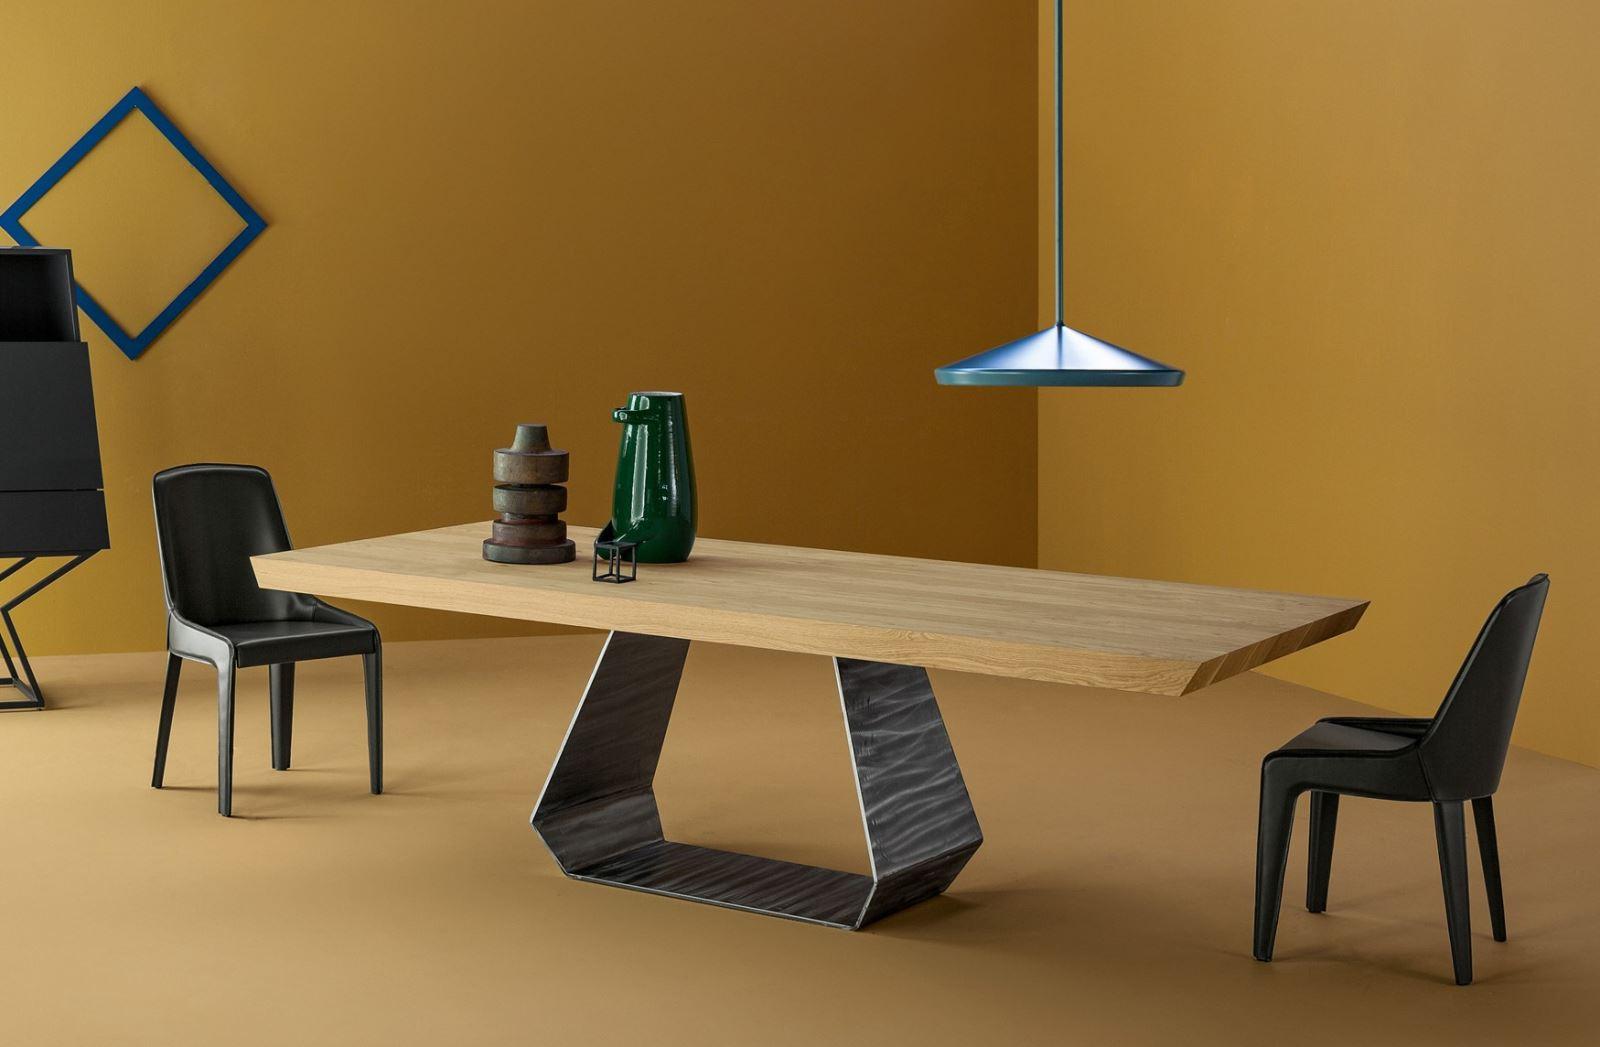 Bonaldo tavoli e sedie 2016 al salone del mobile for Tavolo salone moderno